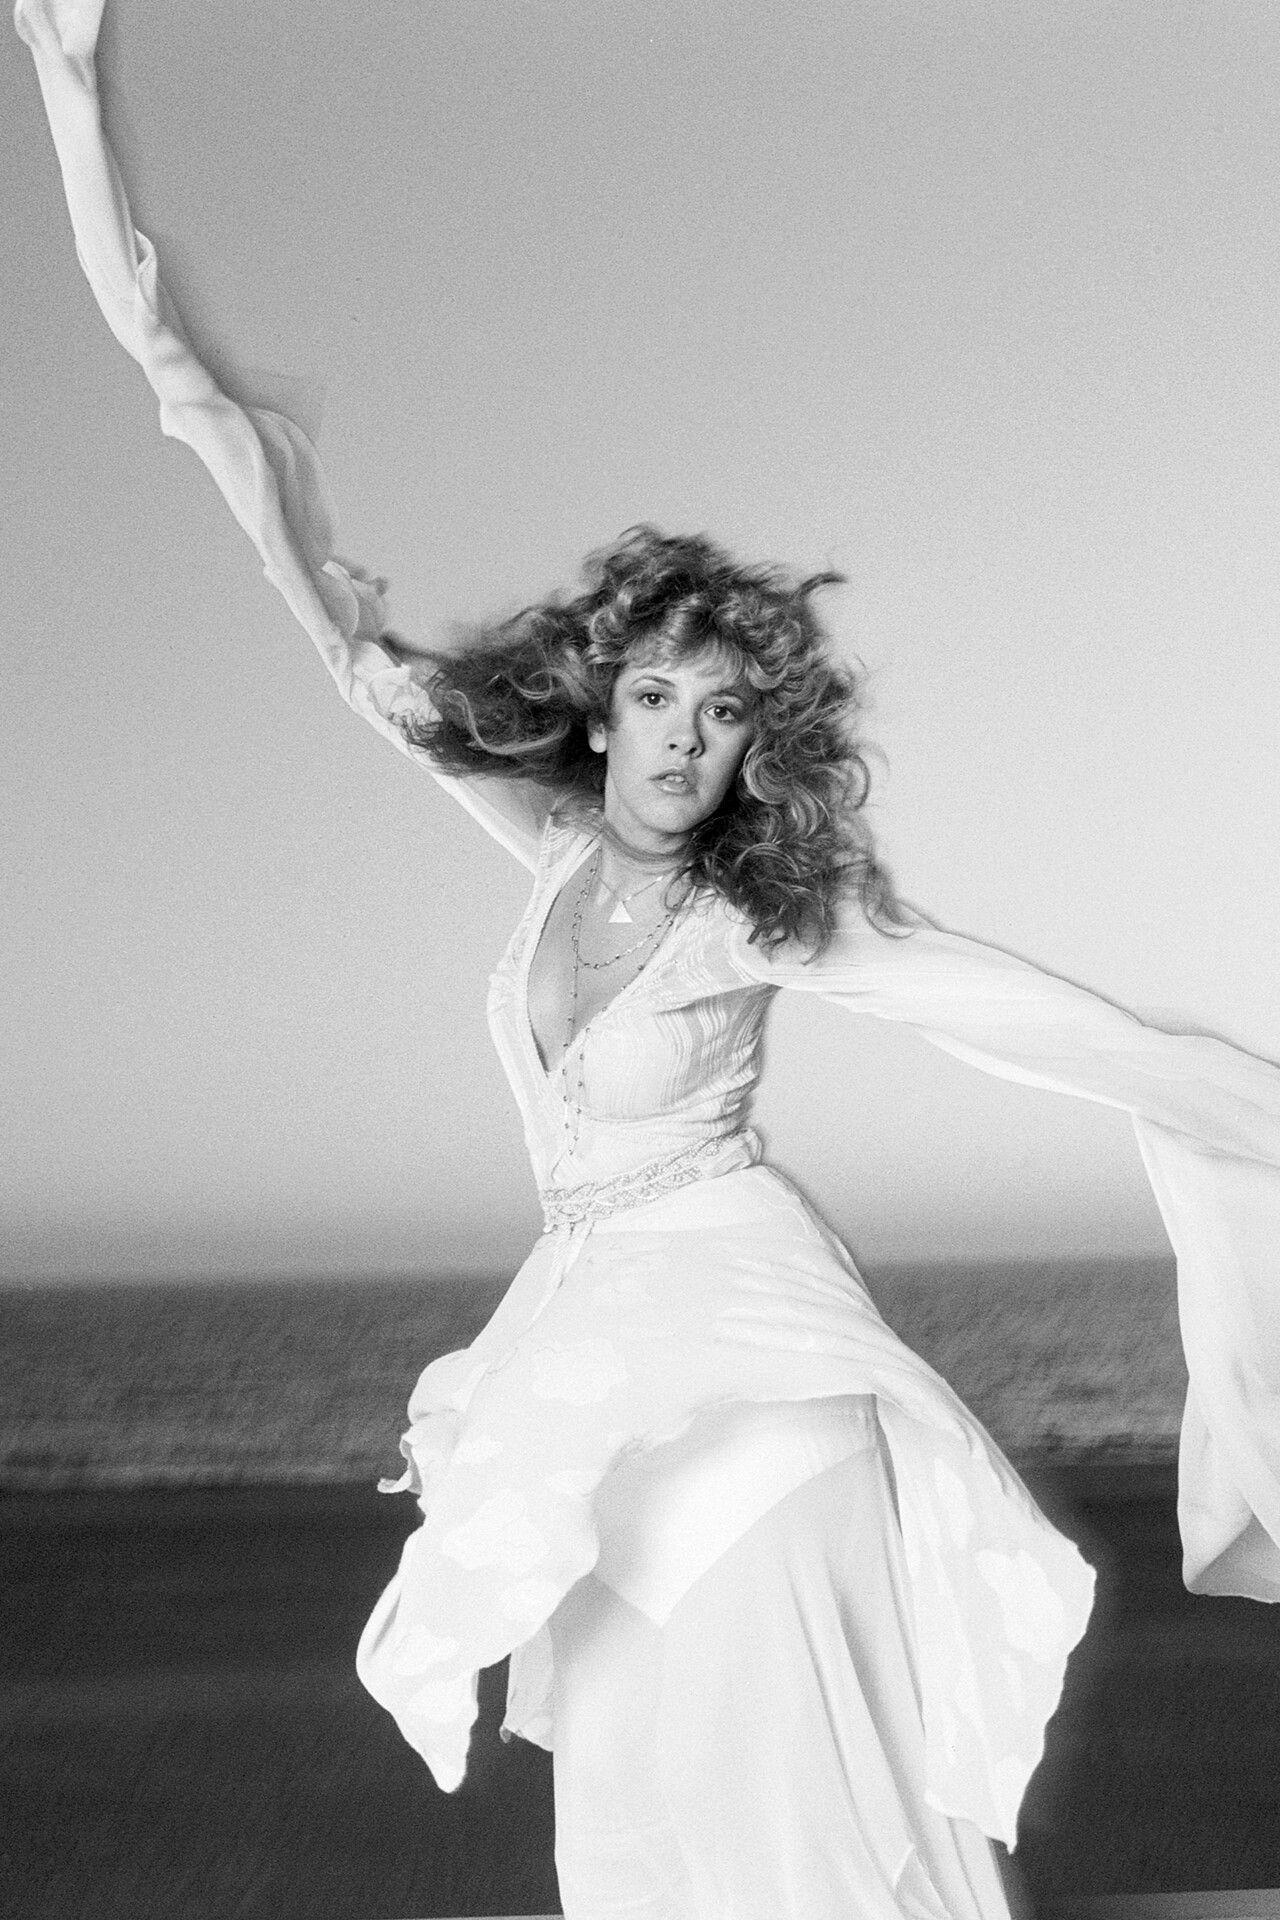 Stevie Nicks Fleetwood Mac Stevie Nicks Concert Stevie Nicks Fleetwood Mac Stevie Nicks Style [ 1920 x 1280 Pixel ]